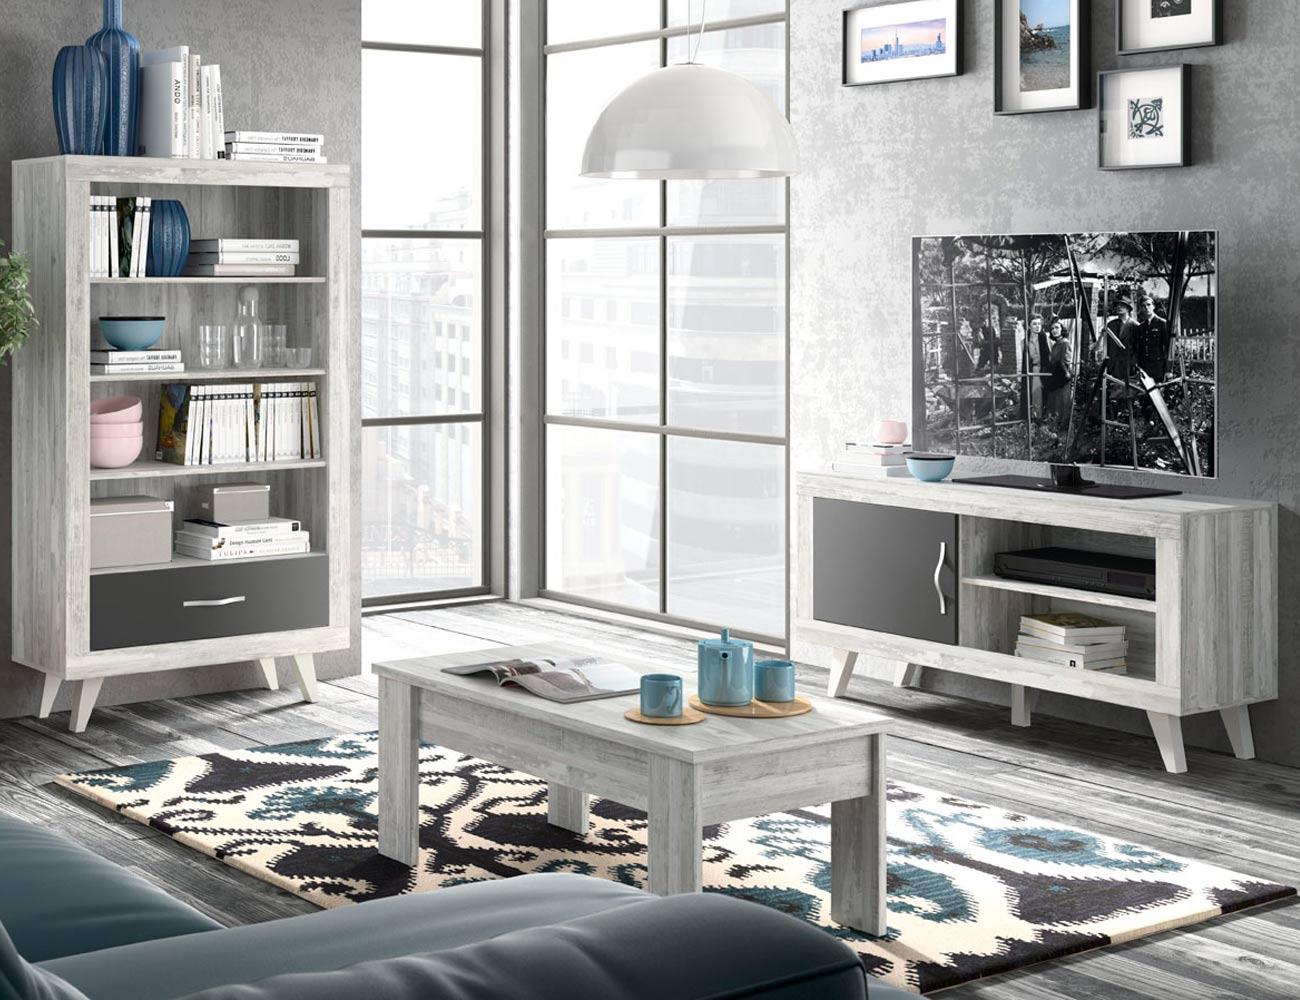 142 salon comedor bajo tv modulo estanteria artic grafito mate